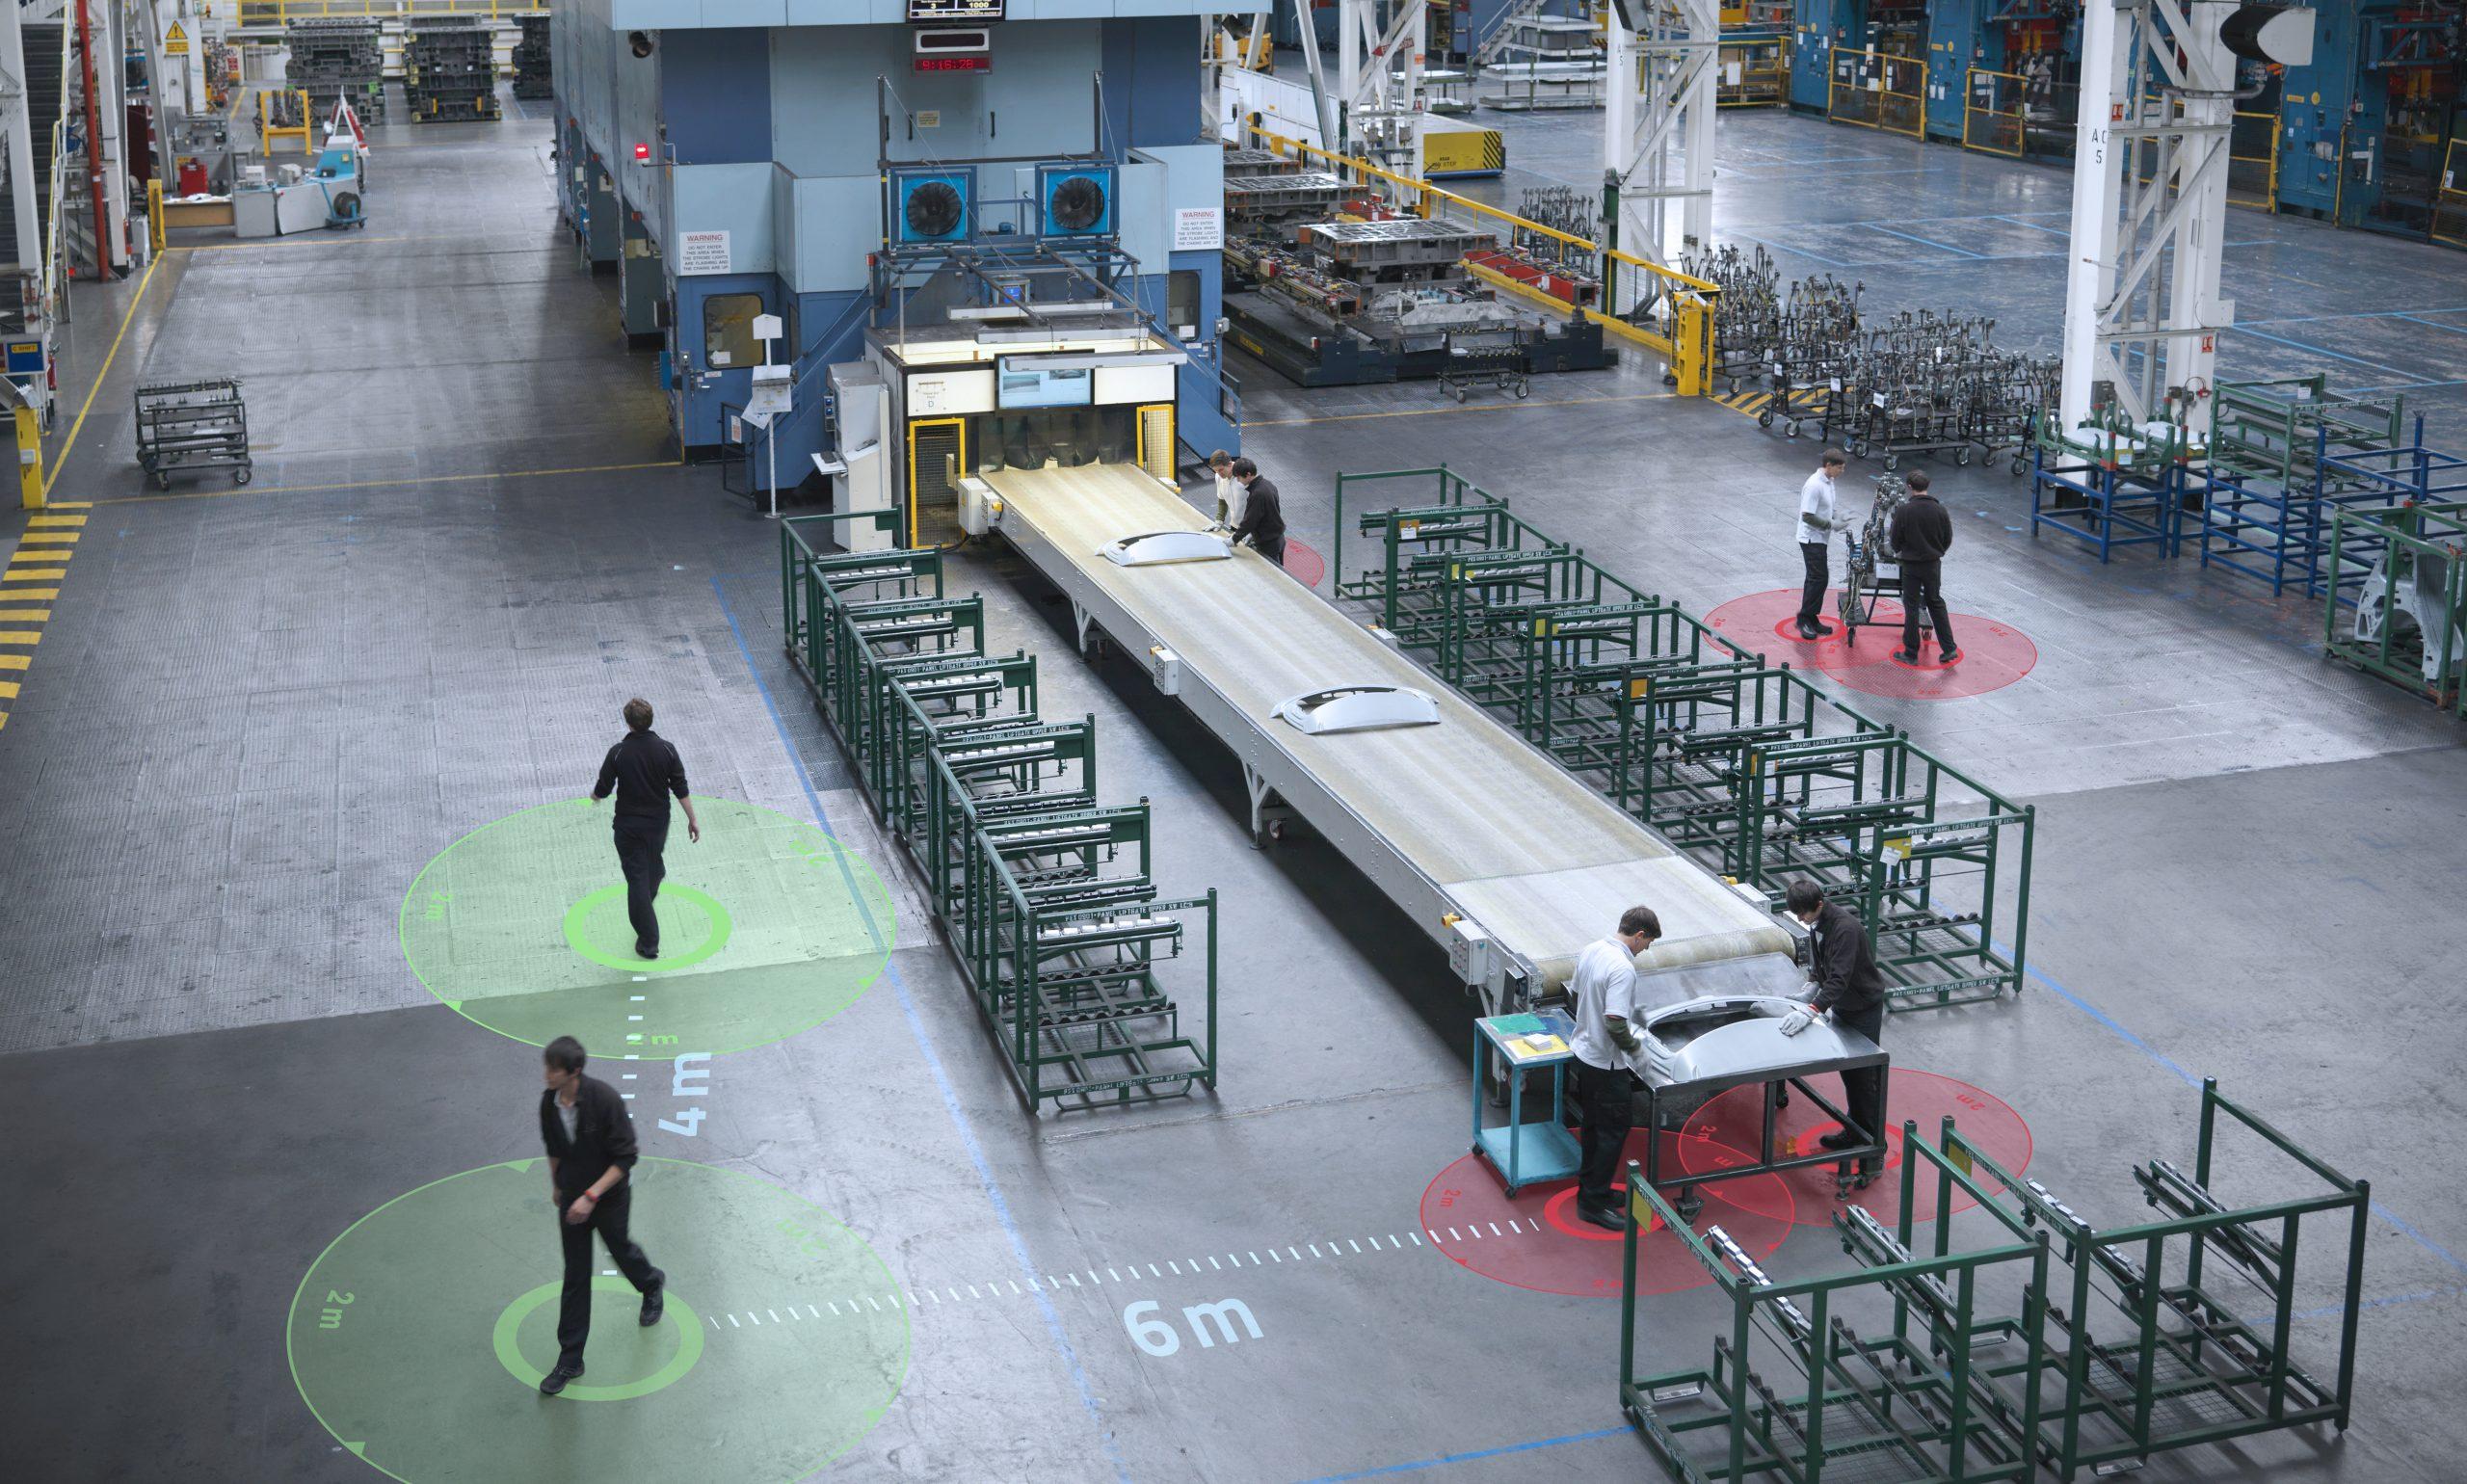 Die SafeZone-Lösung misst den Abstand zwischen den Mitarbeitern und warnt, wenn sie sich zu nahekommen. (Bild: ©Monty Rakusen/gettyimeges.de / Kinexon)